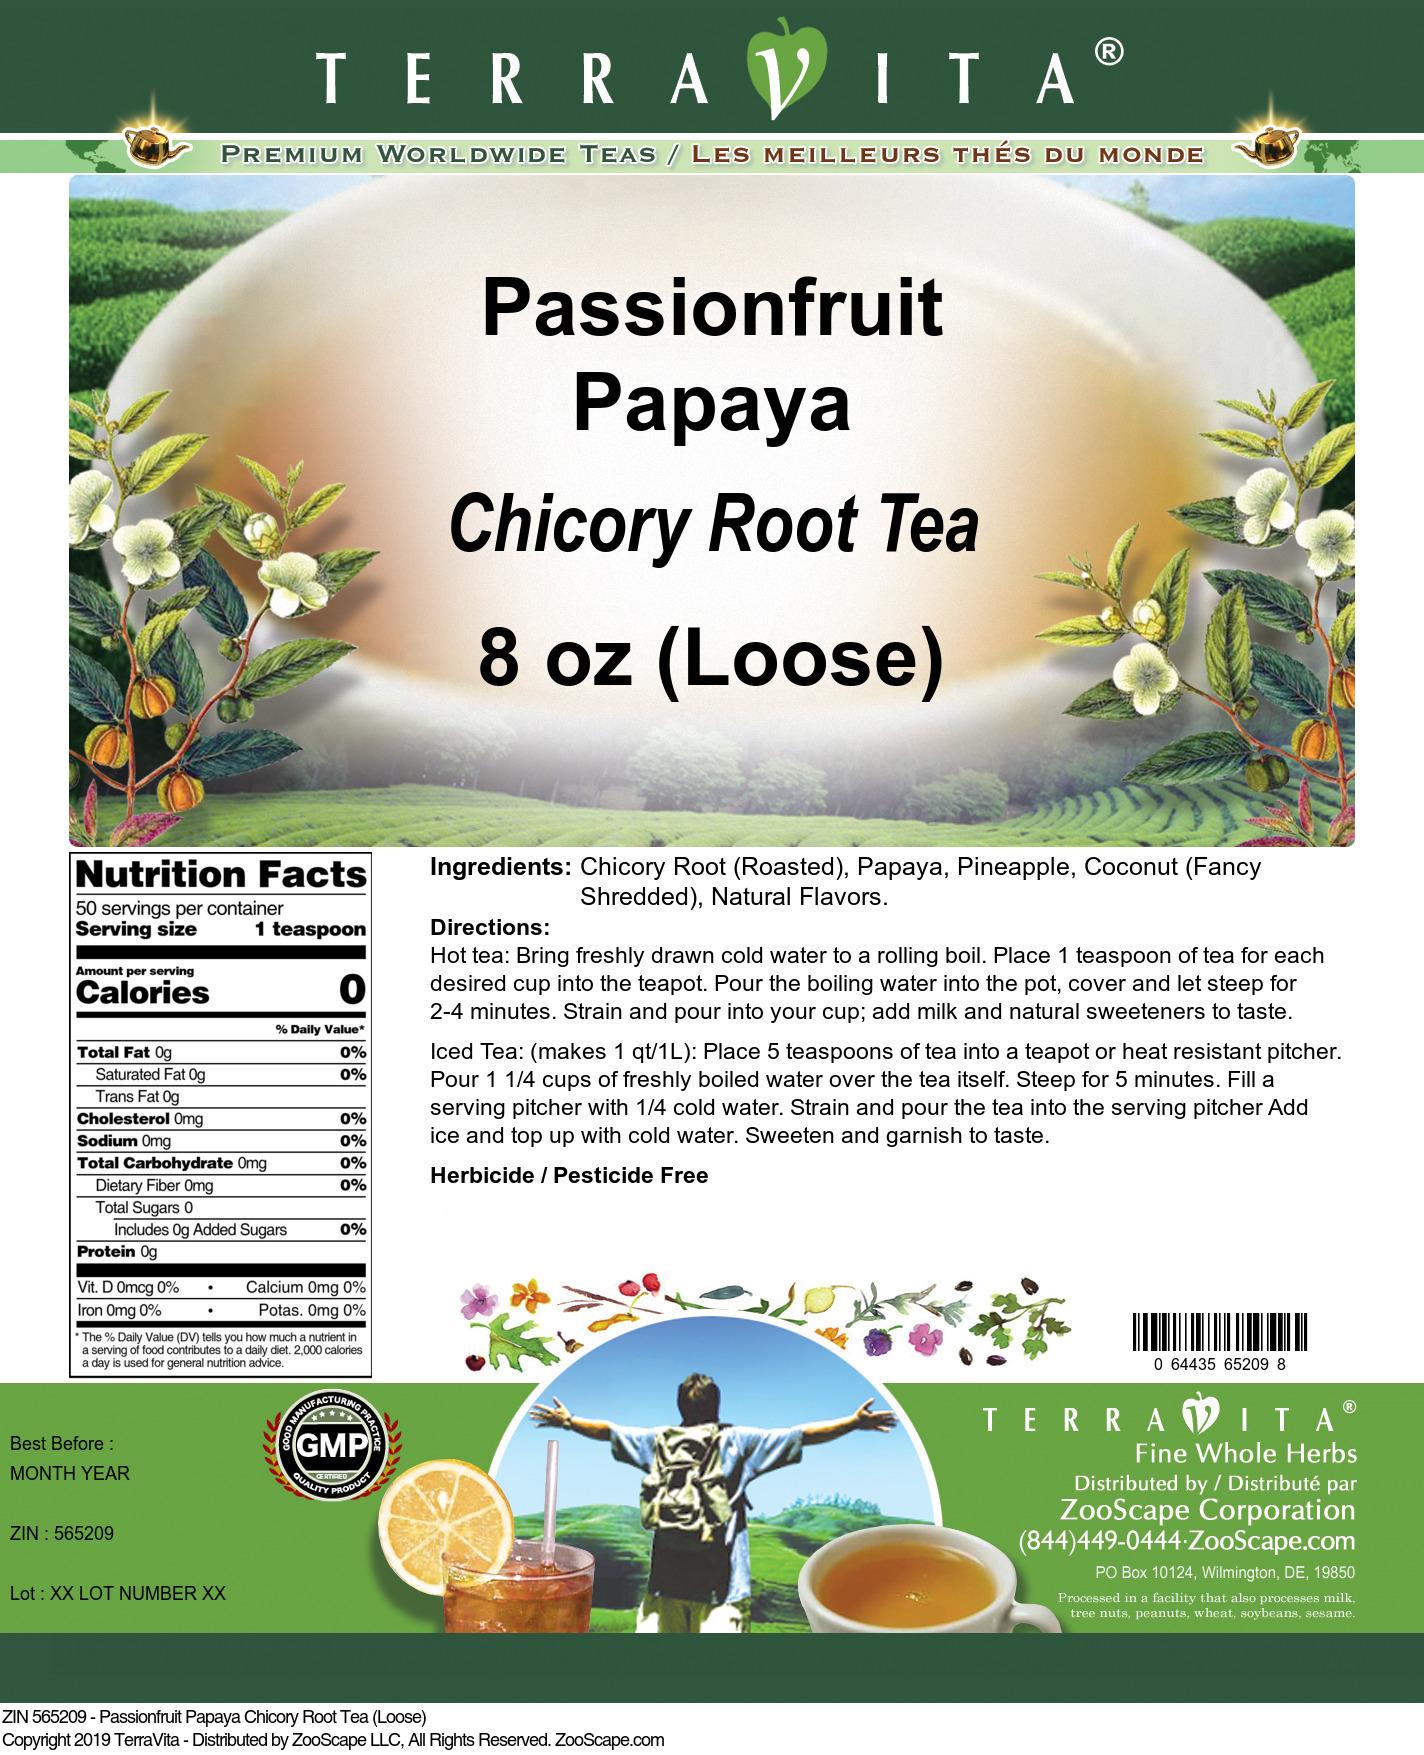 Passionfruit Papaya Chicory Root